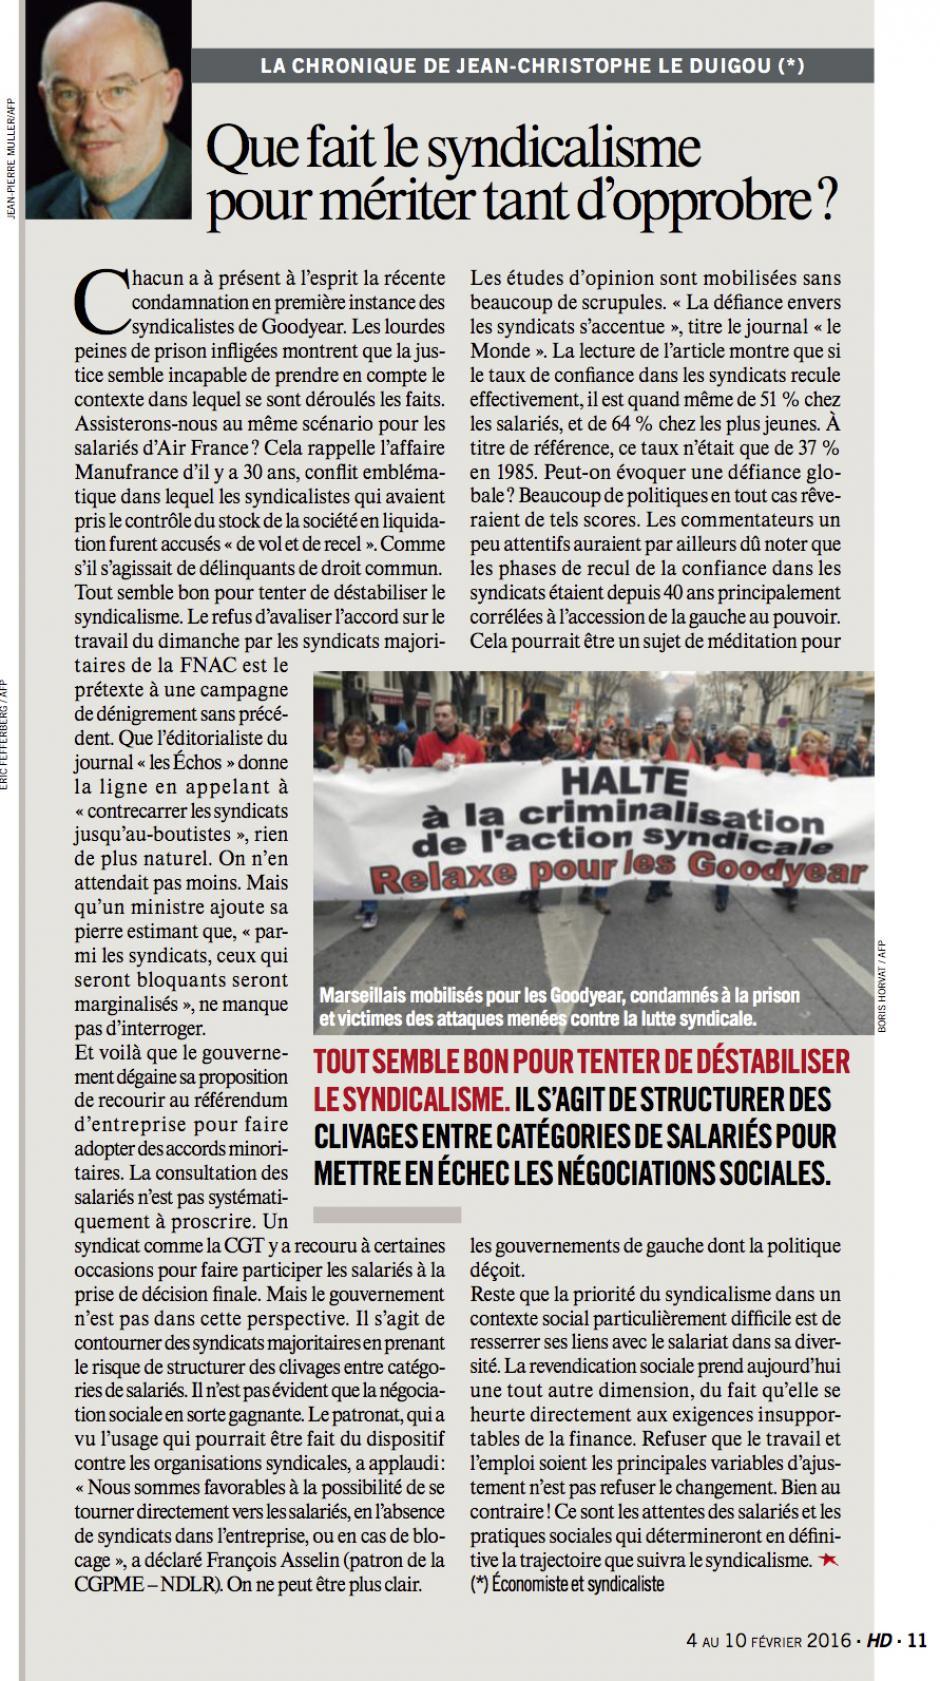 20160204-HD-France-Jean-Christophe Le Duigou : « Que fait le syndicalisme pour mériter tant d'opprobre ? »